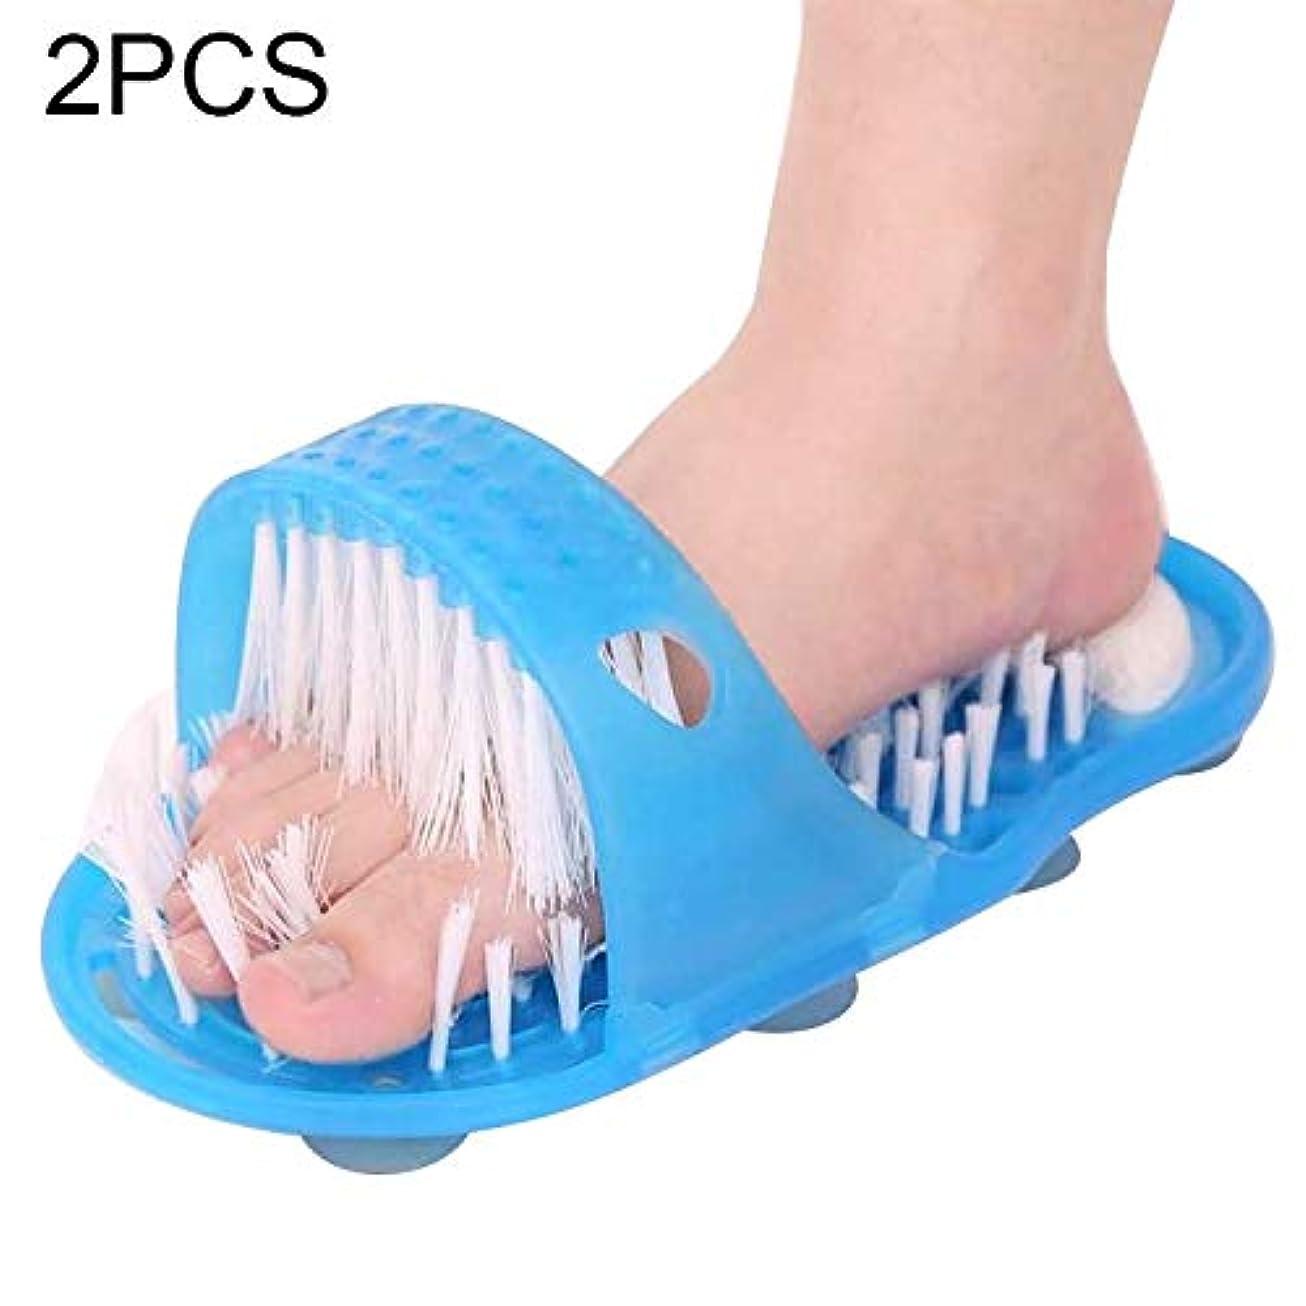 プレビュー欲しいです容量2 PCS フットブラシ 足ブラシ フットグルーマー お風呂で使える角質ケアブラシ 足の匂い消し 健康グッズ イージーフィートバスルームクリーンエクスフォリエイティングスクラブマッサージスリッパブラシ